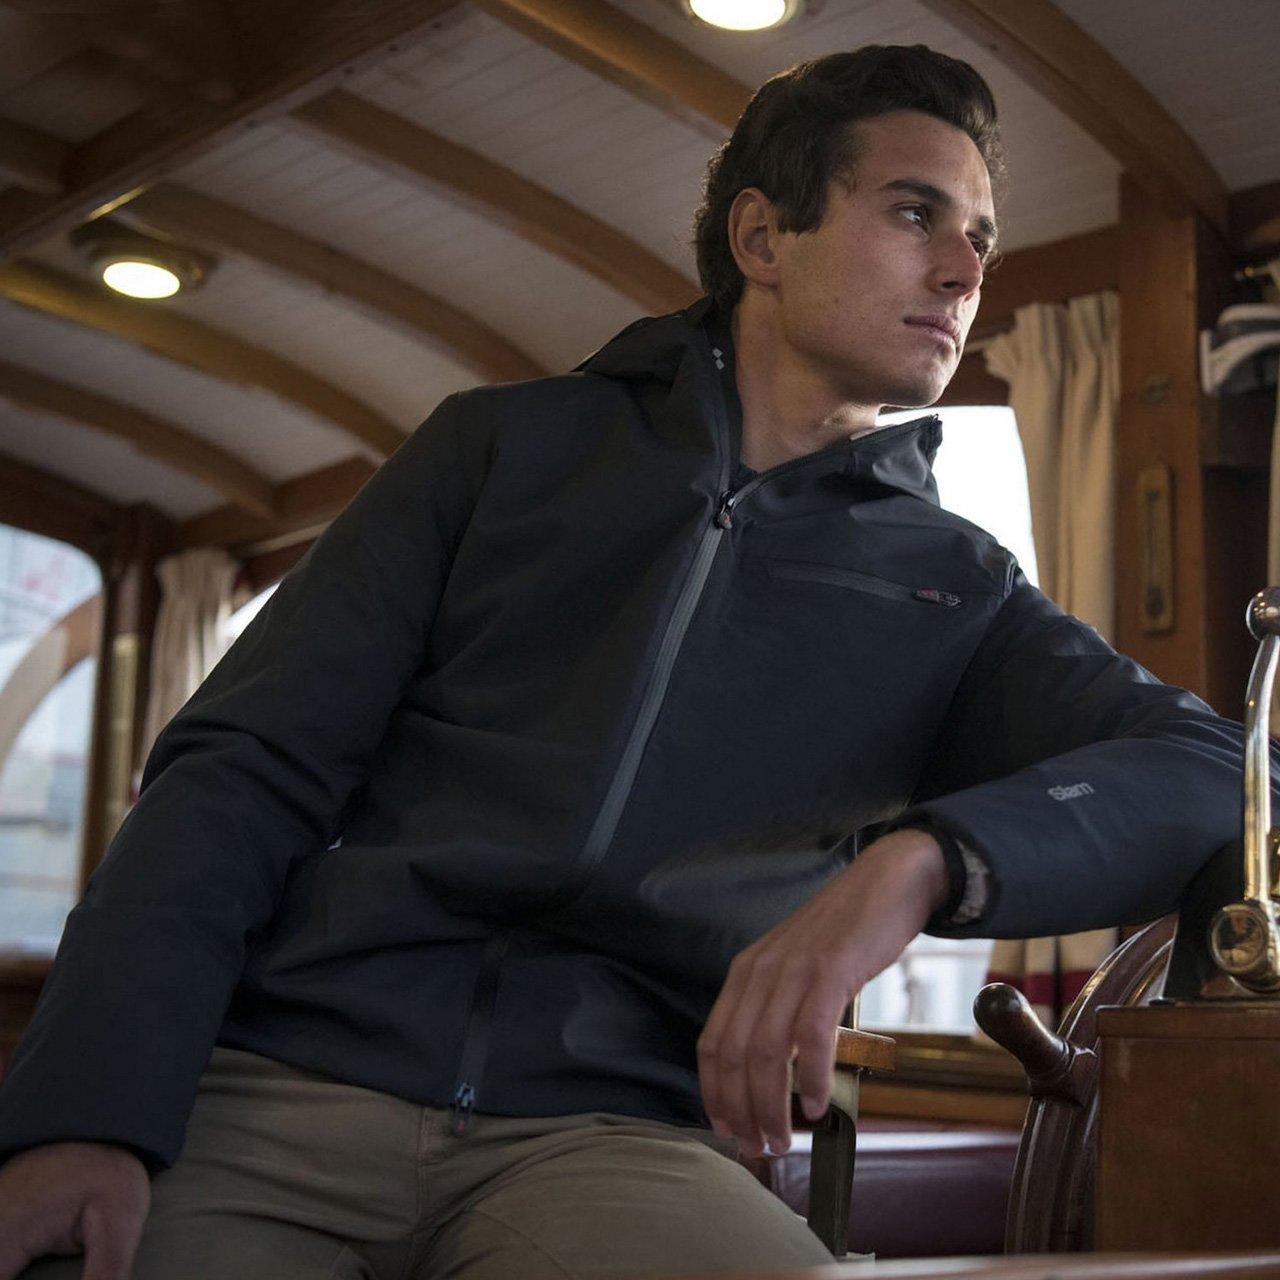 Las 5 características técnicas claves de una buena ropa deportiva